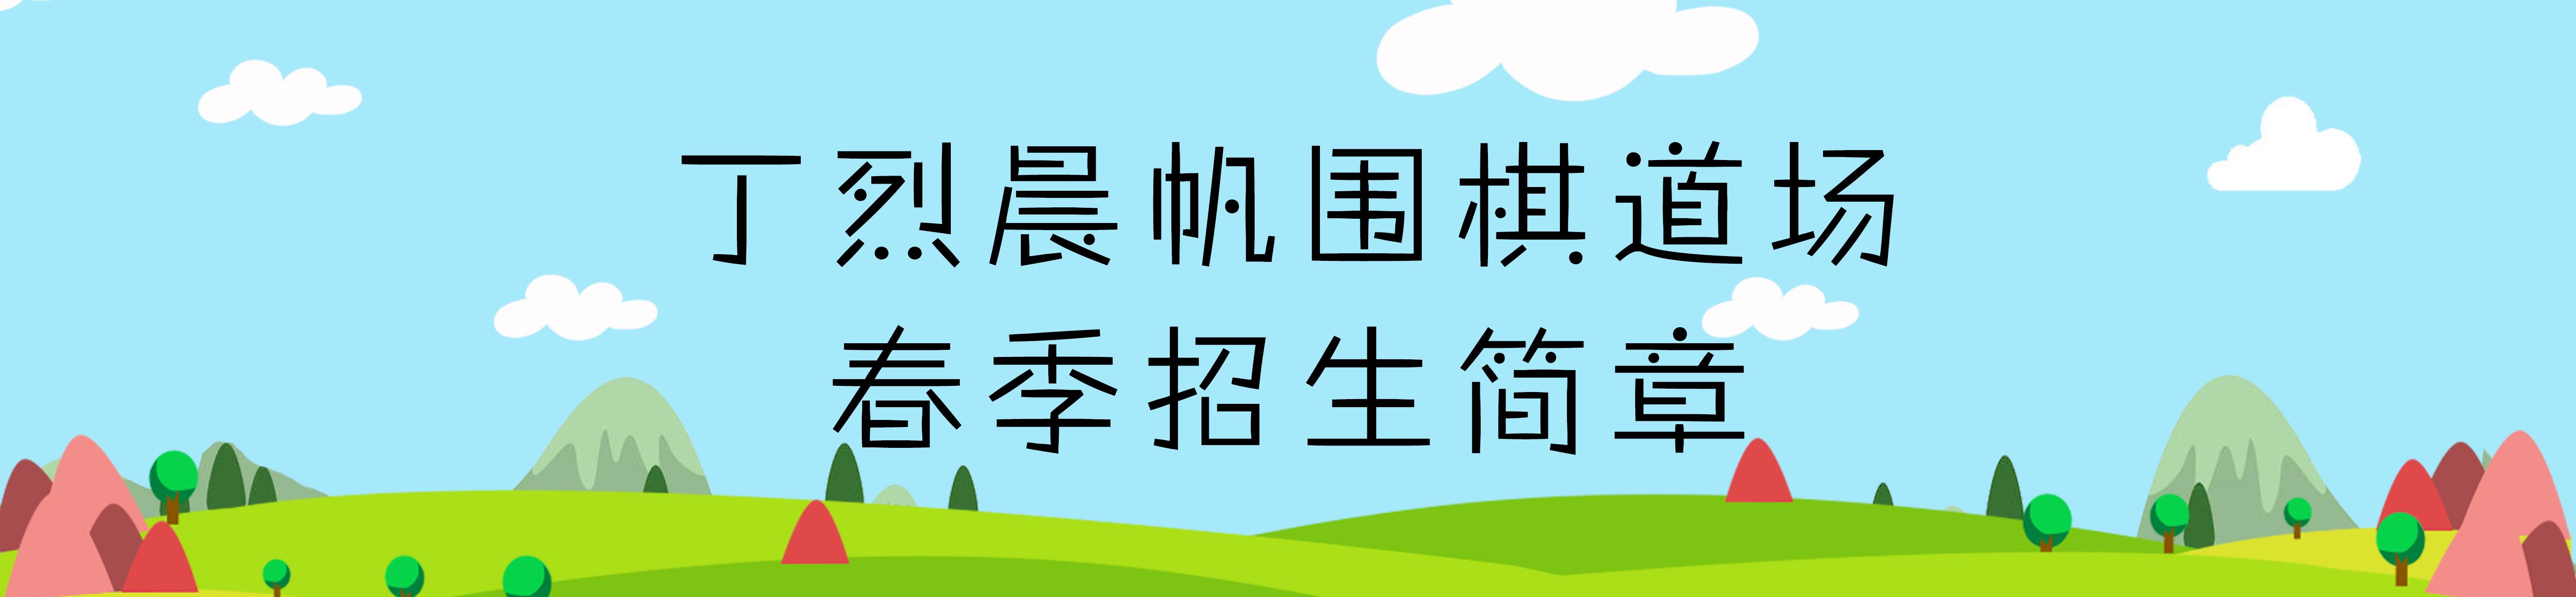 丁烈晨帆围棋道场-周末训练营